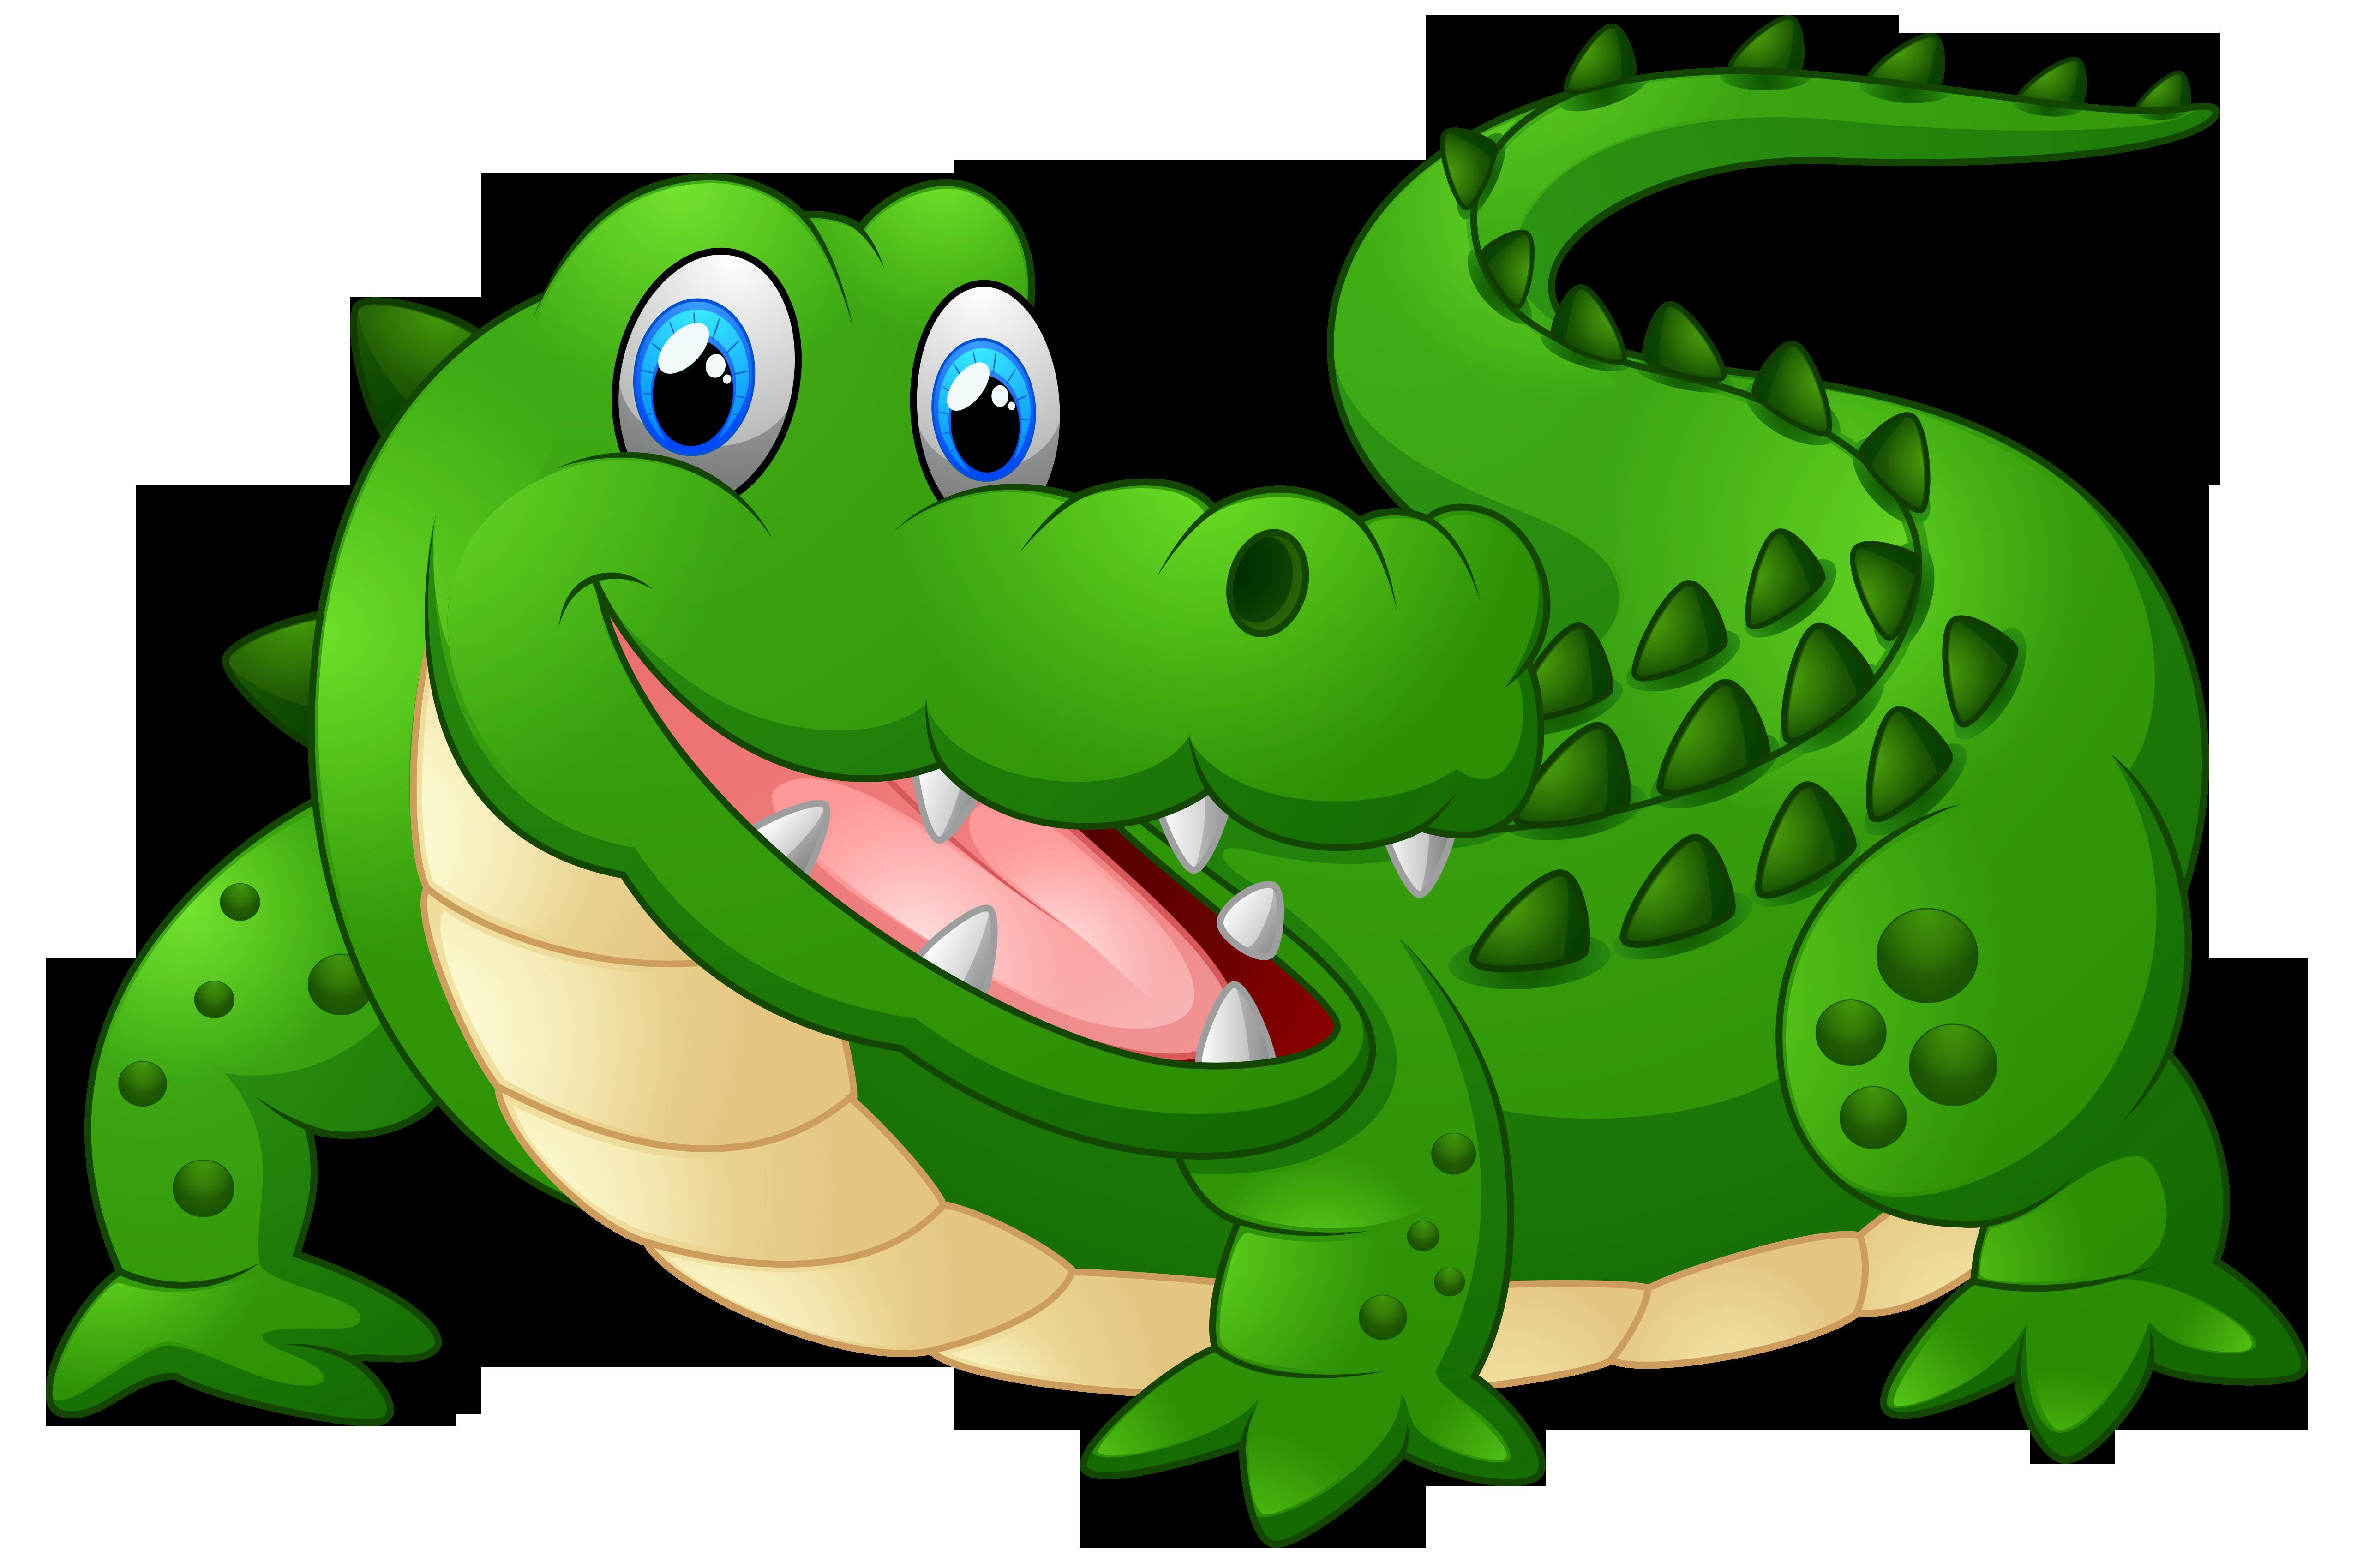 Funny alligator clip art crocodile pictures 5.